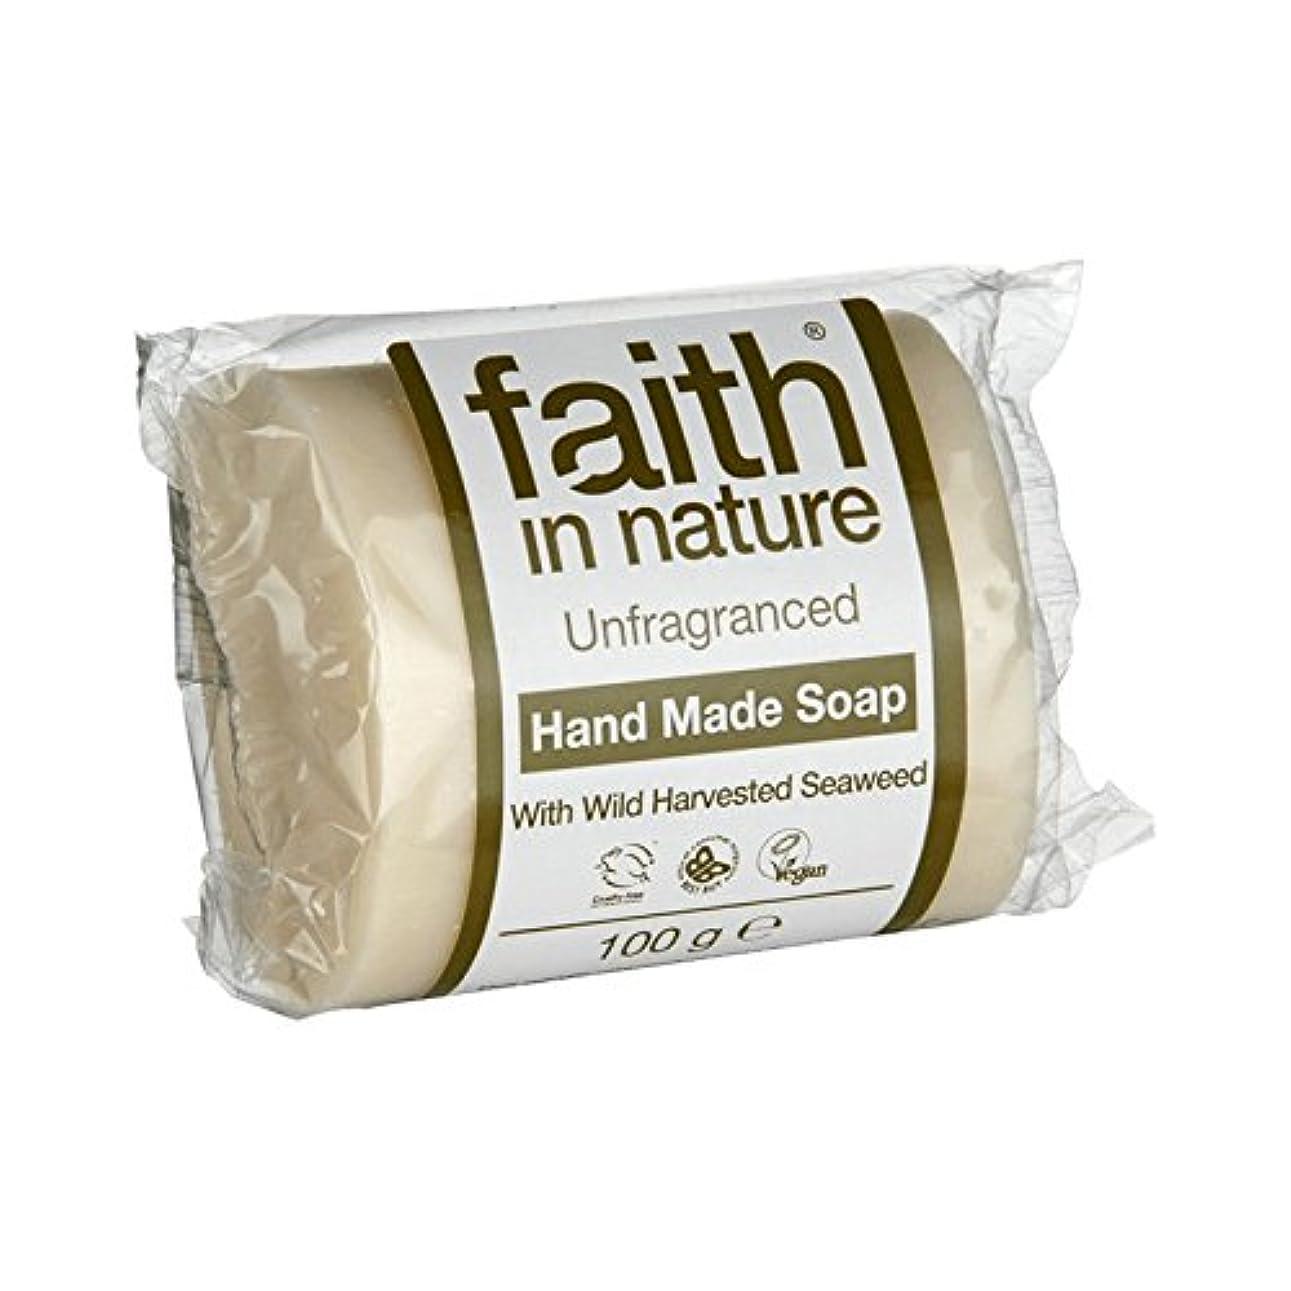 マークダウン超えて韓国語Faith in Nature Unfragranced Seaweed Soap 100g (Pack of 2) - 自然無香料海藻石鹸100グラムの信仰 (x2) [並行輸入品]